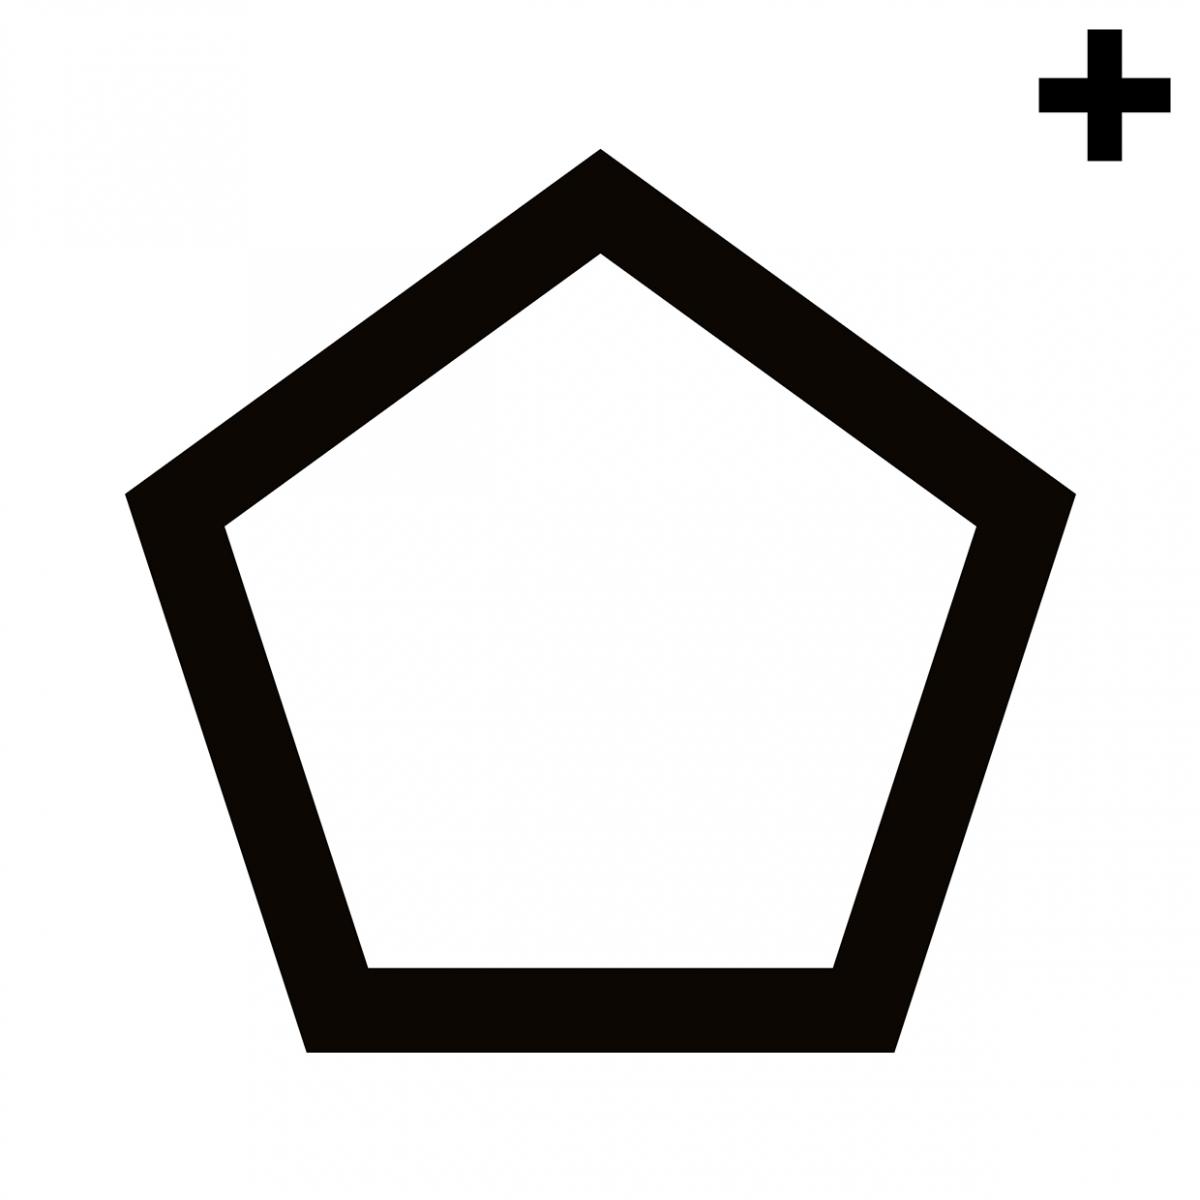 Imagen en la que se ve un pentágono con el trazo en color negro